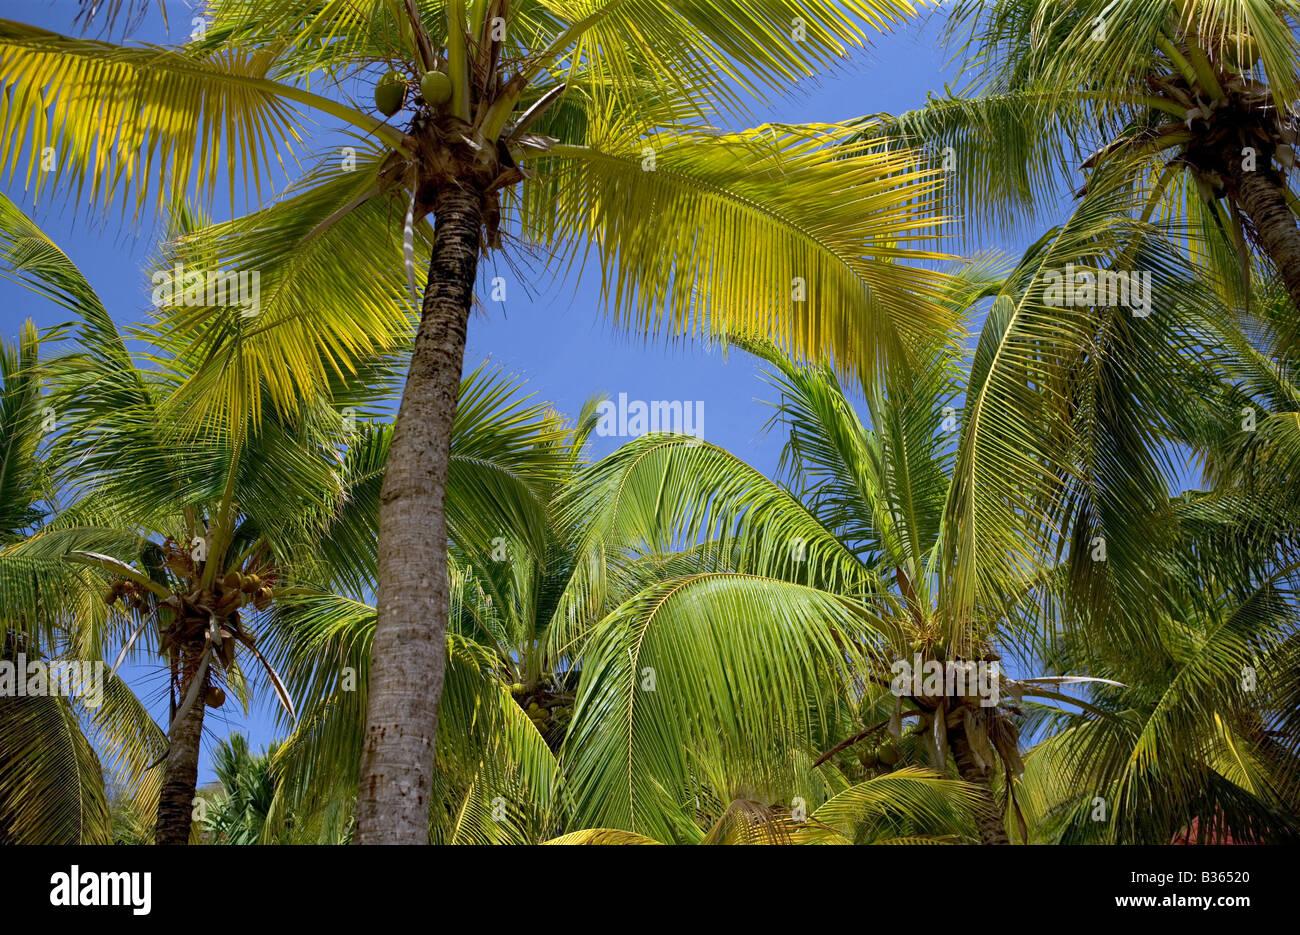 Nach oben auf einen Stand von Kokospalmen an einem Strand in der Karibik. Stockbild